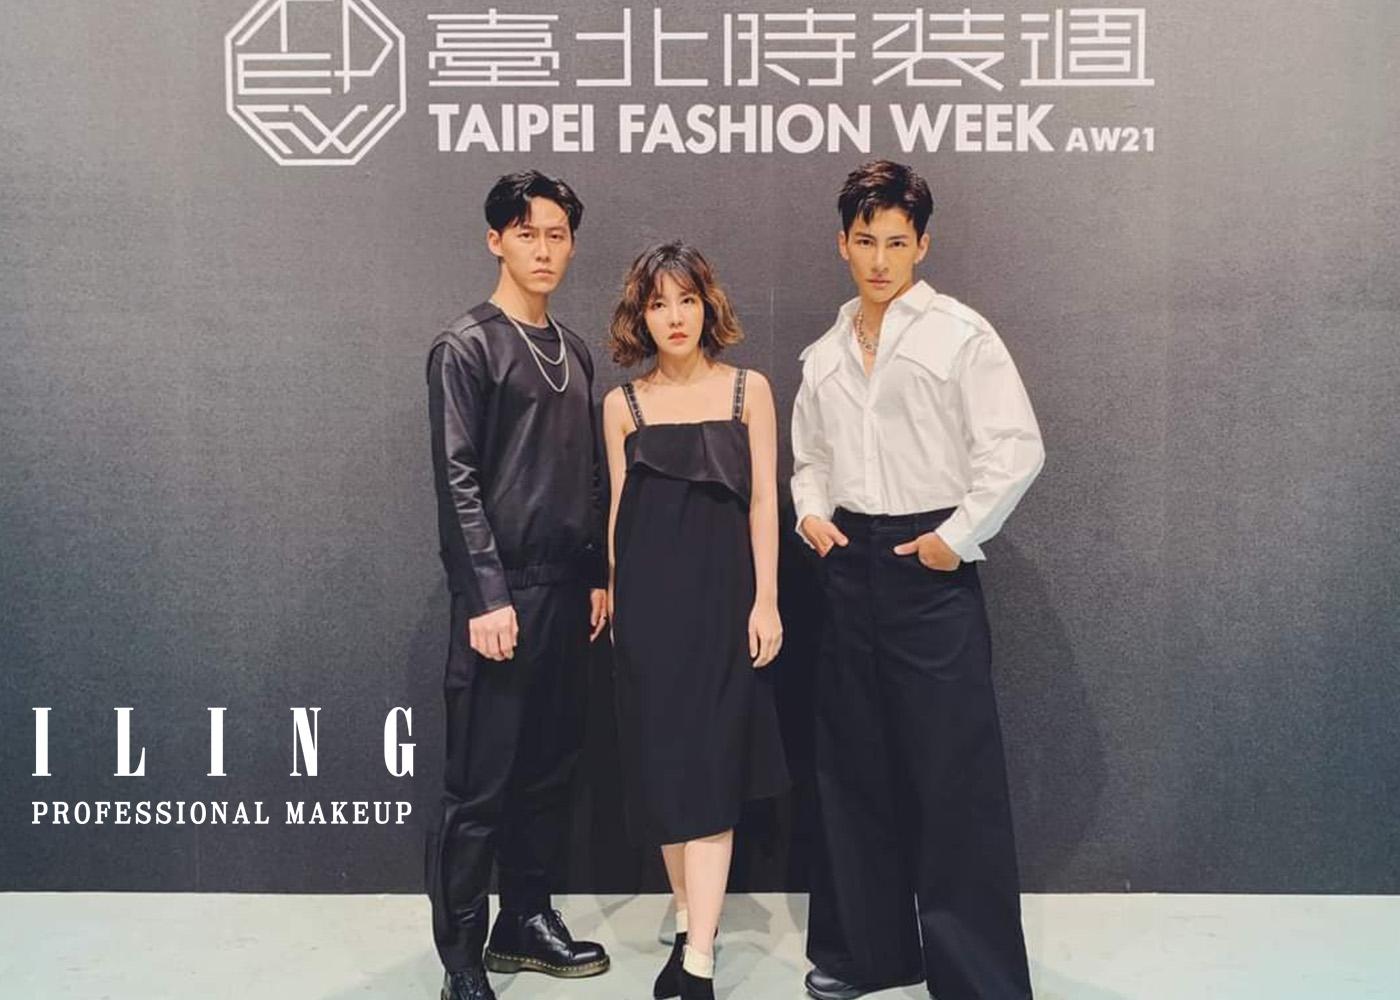 台北時裝週-蔡詩雨